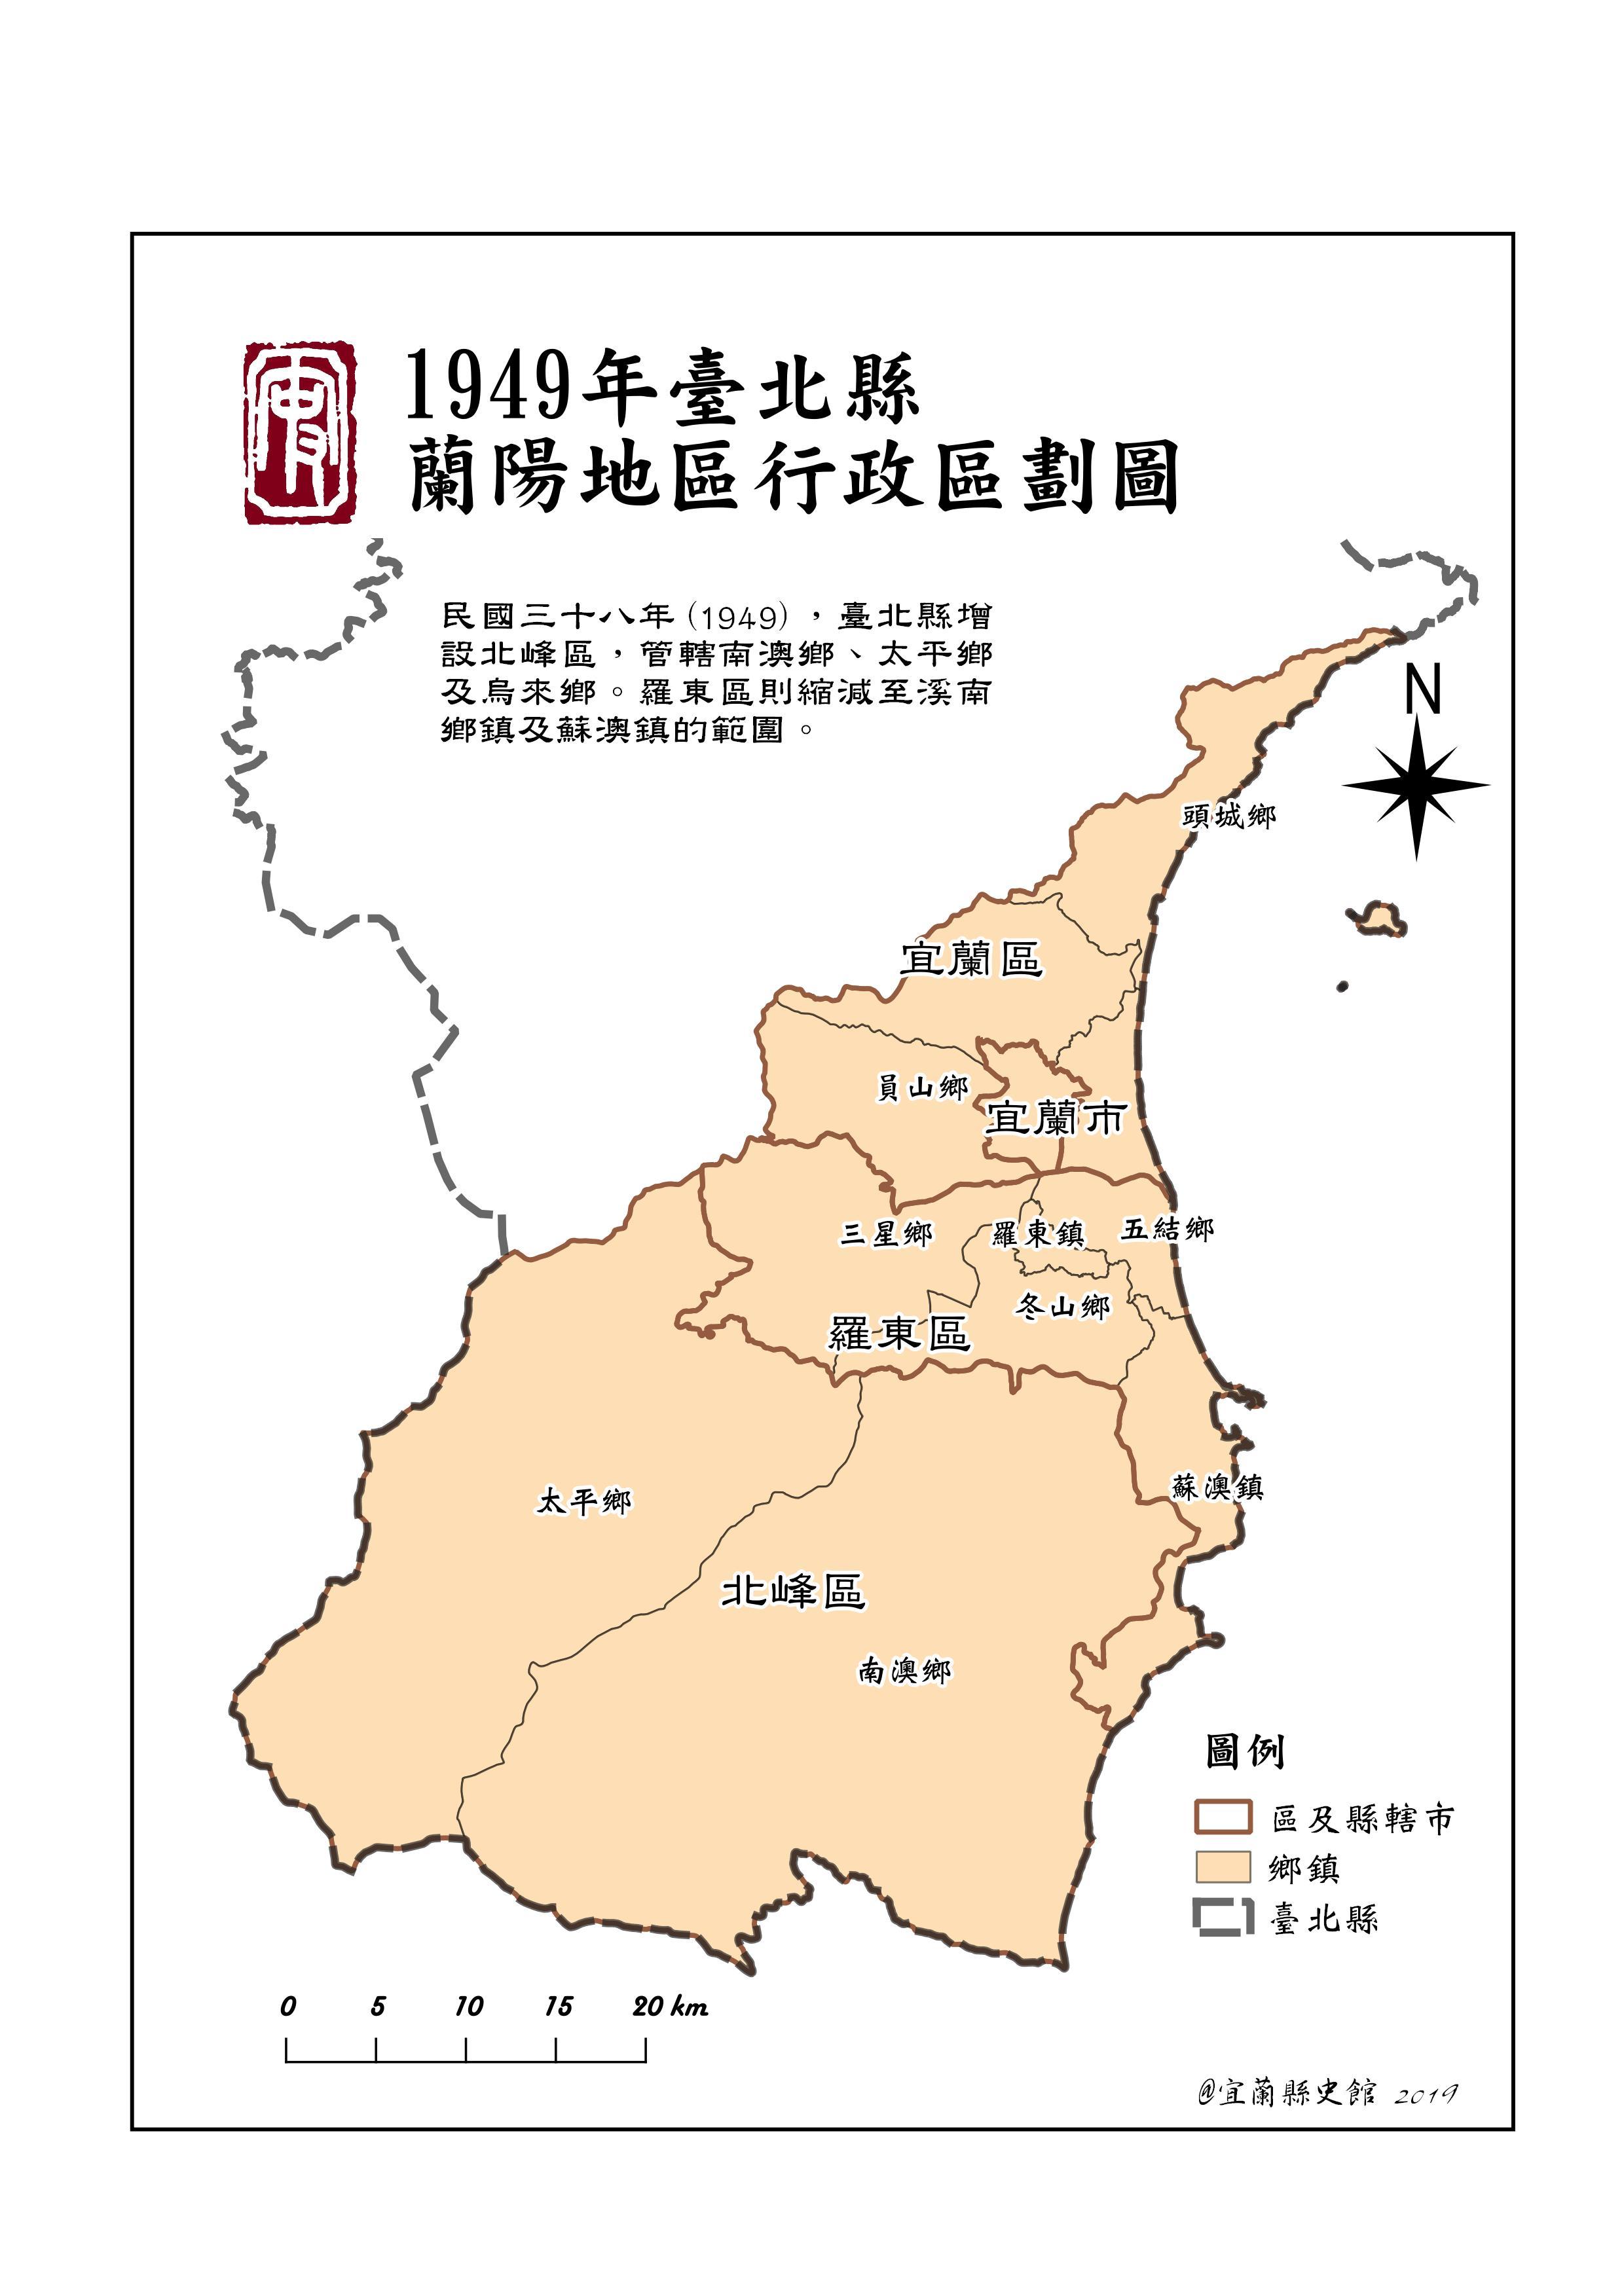 1949臺北縣蘭陽地區行政區劃圖